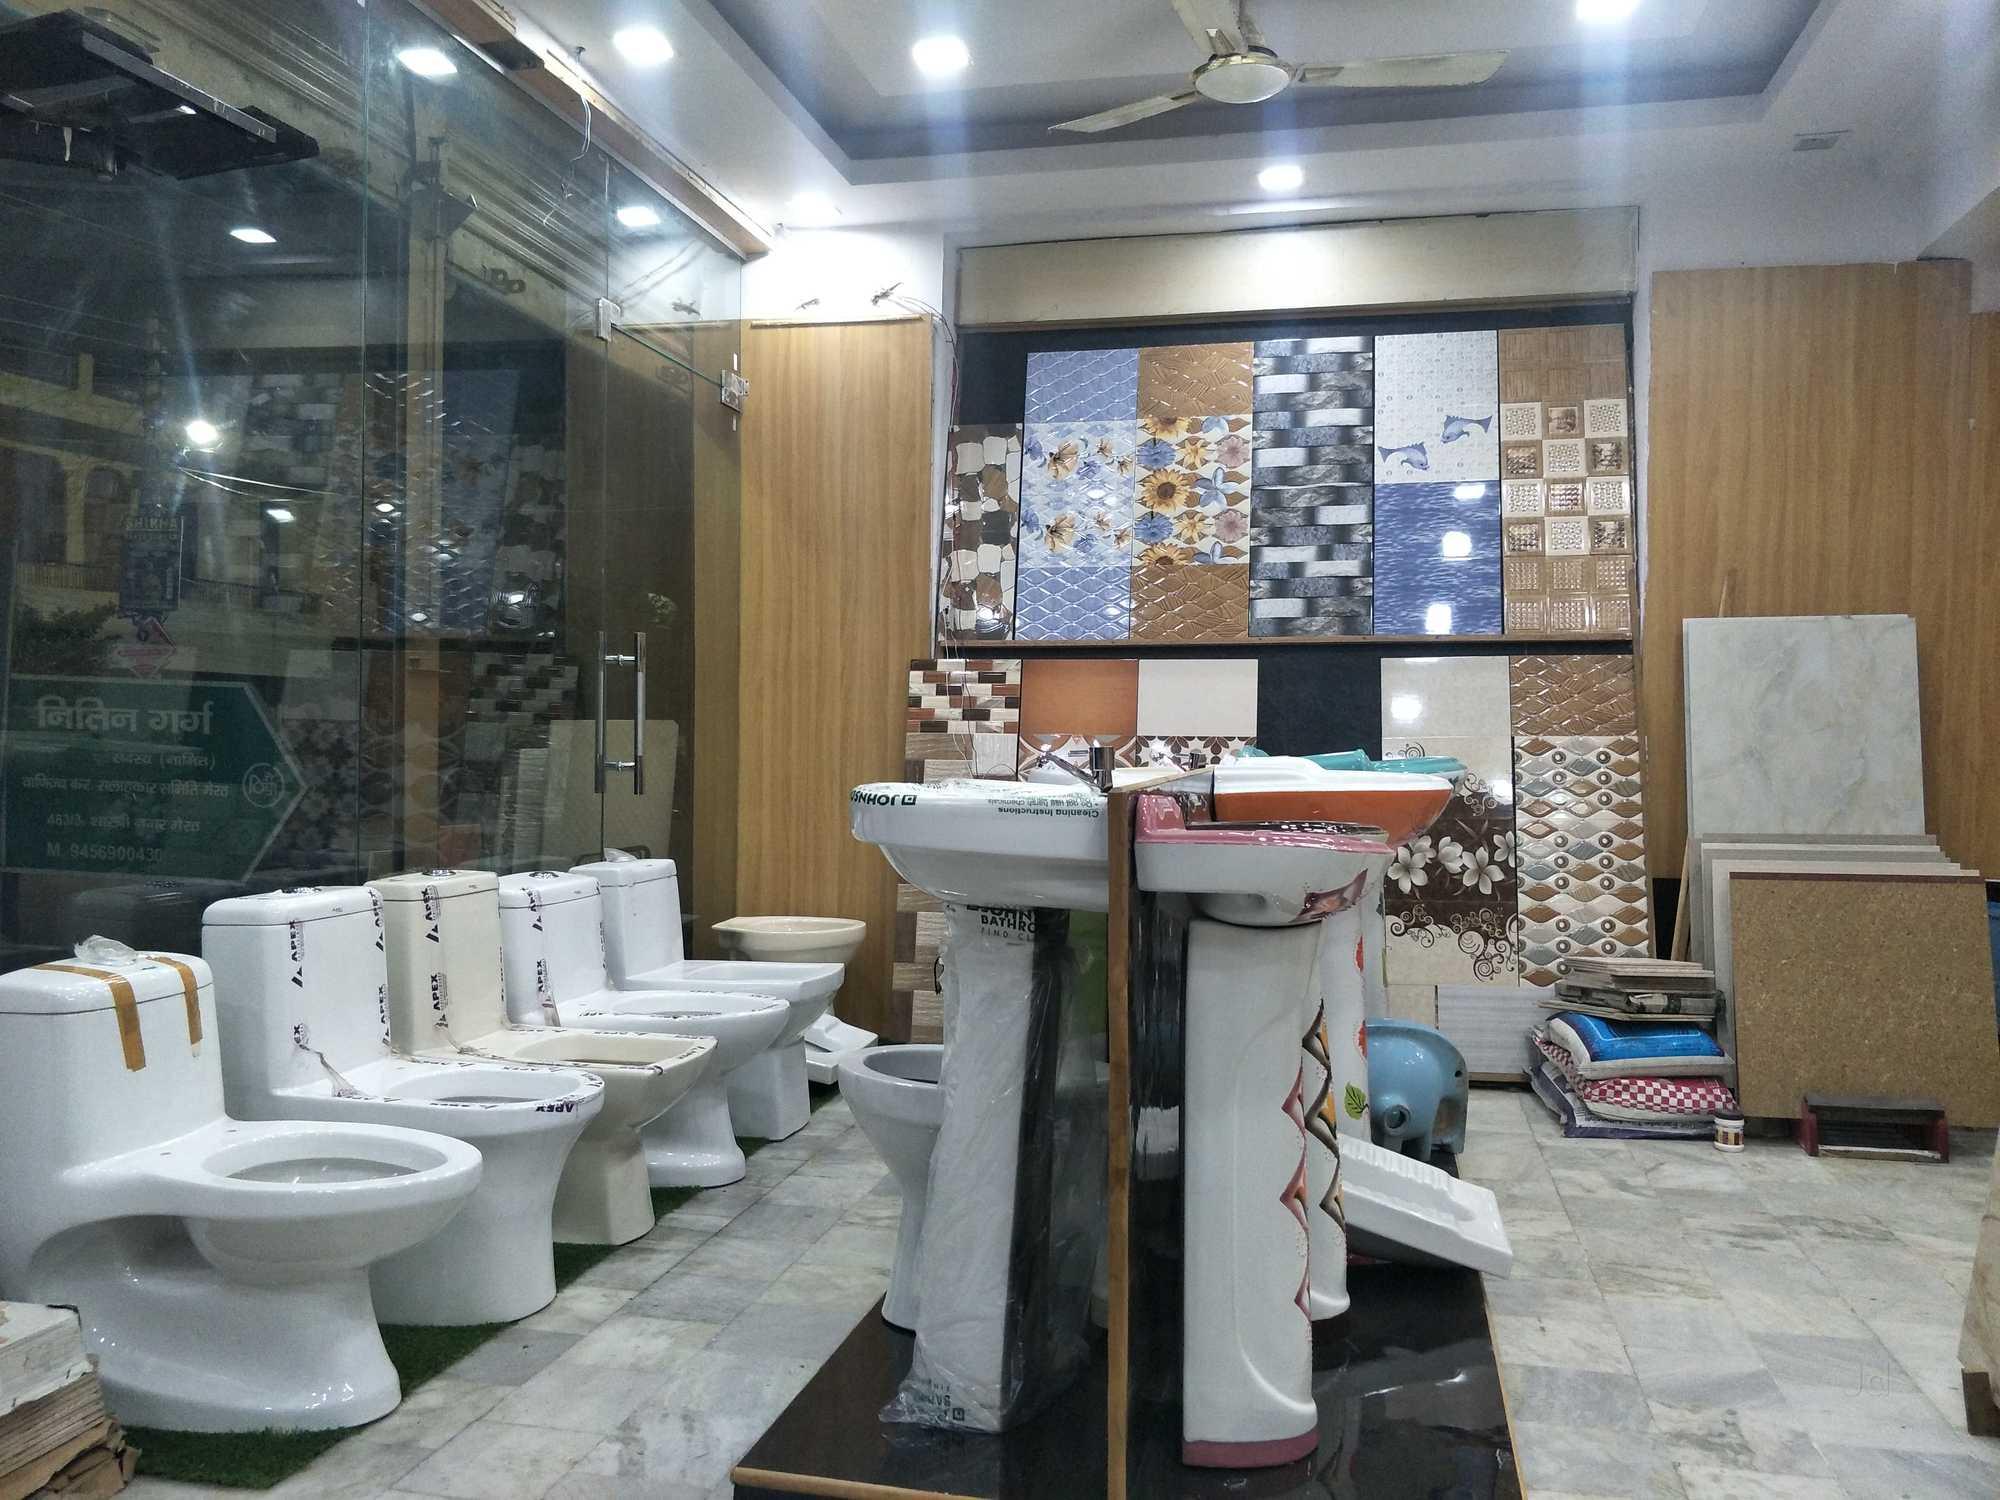 Toto Sanitaryware Dealers in Meerut - Buy Sanitary Ware online ...